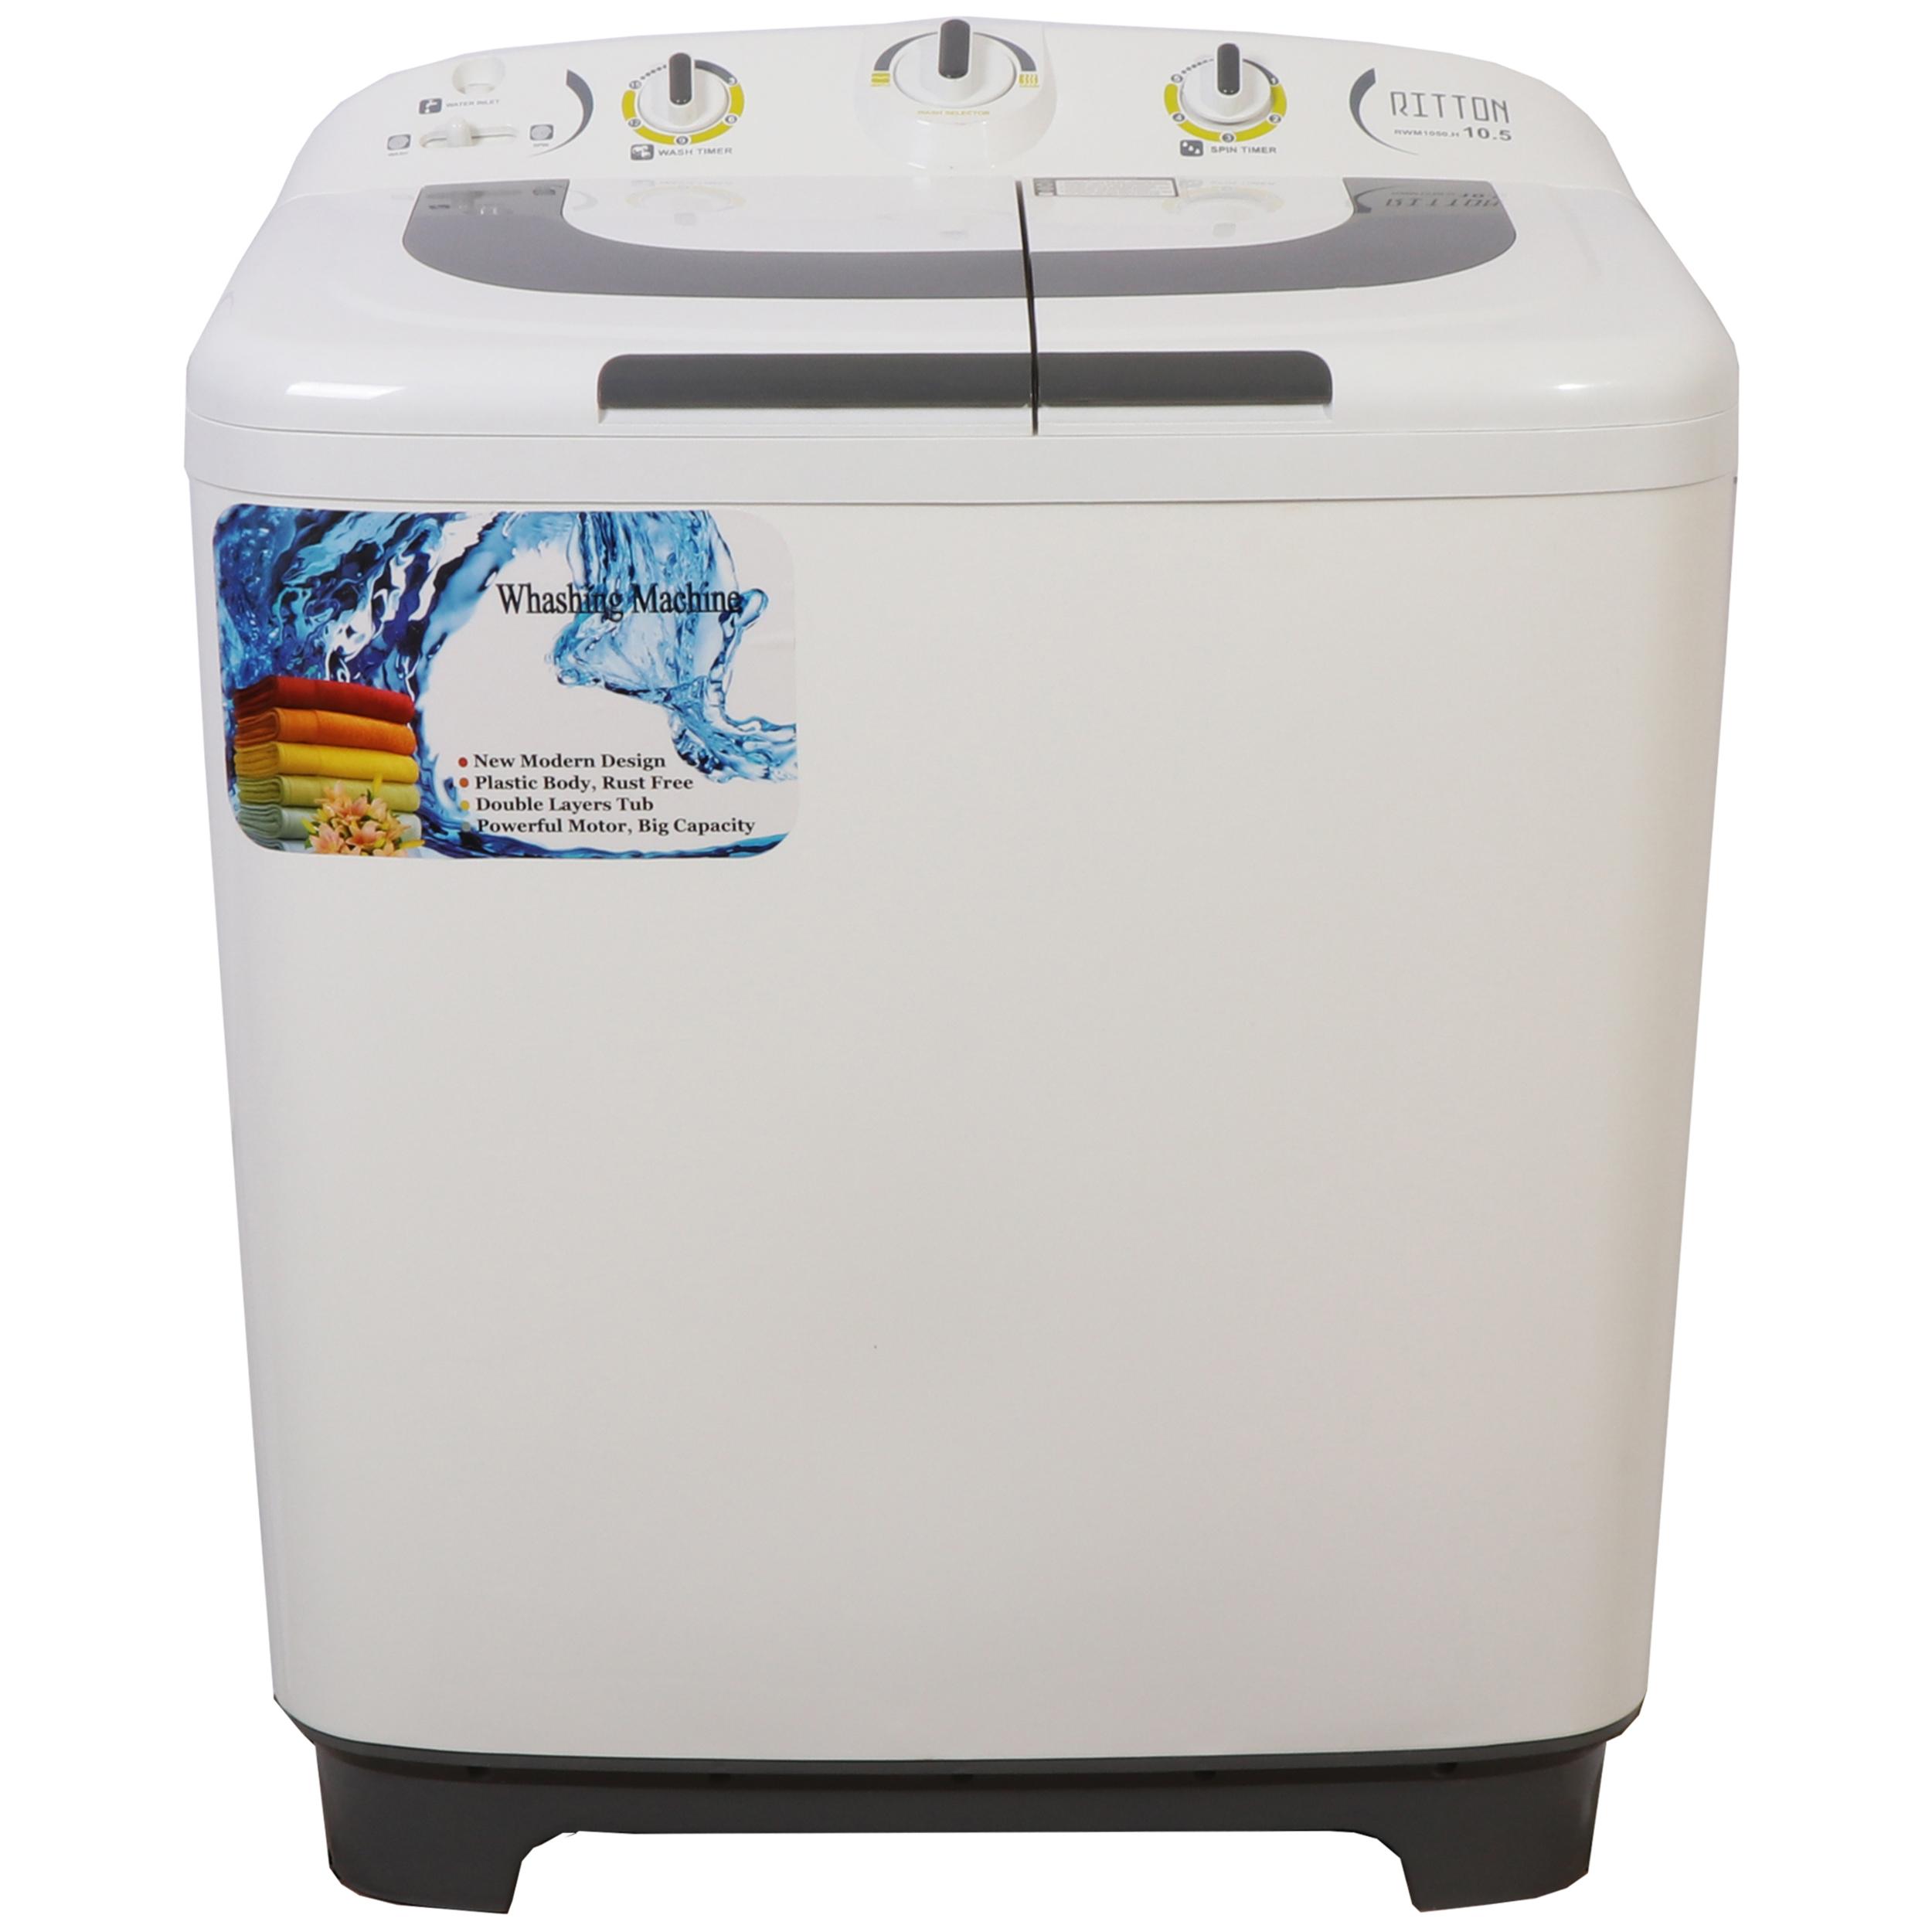 ماشین لباسشویی دوقلو ریتون مدل RWM 1050.H  ظرفیت ۱۰٫۵ کیلوگرم